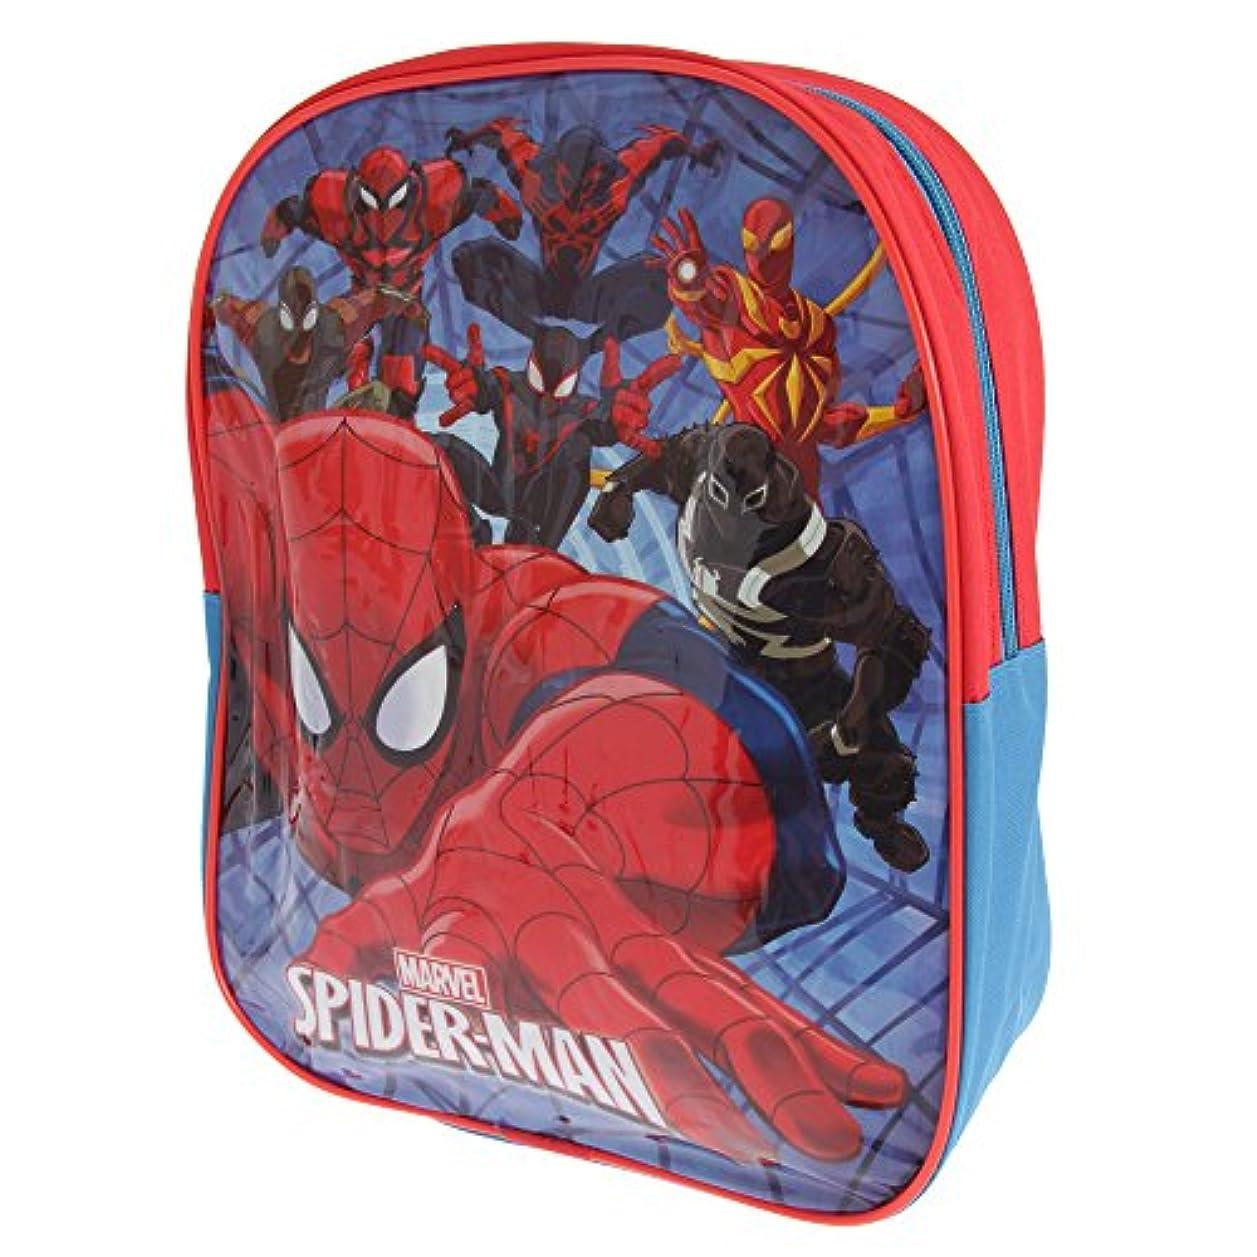 獲物太字天気(スパイダーマン) Spiderman キッズ?子ども ラックサック リュックサック かばん